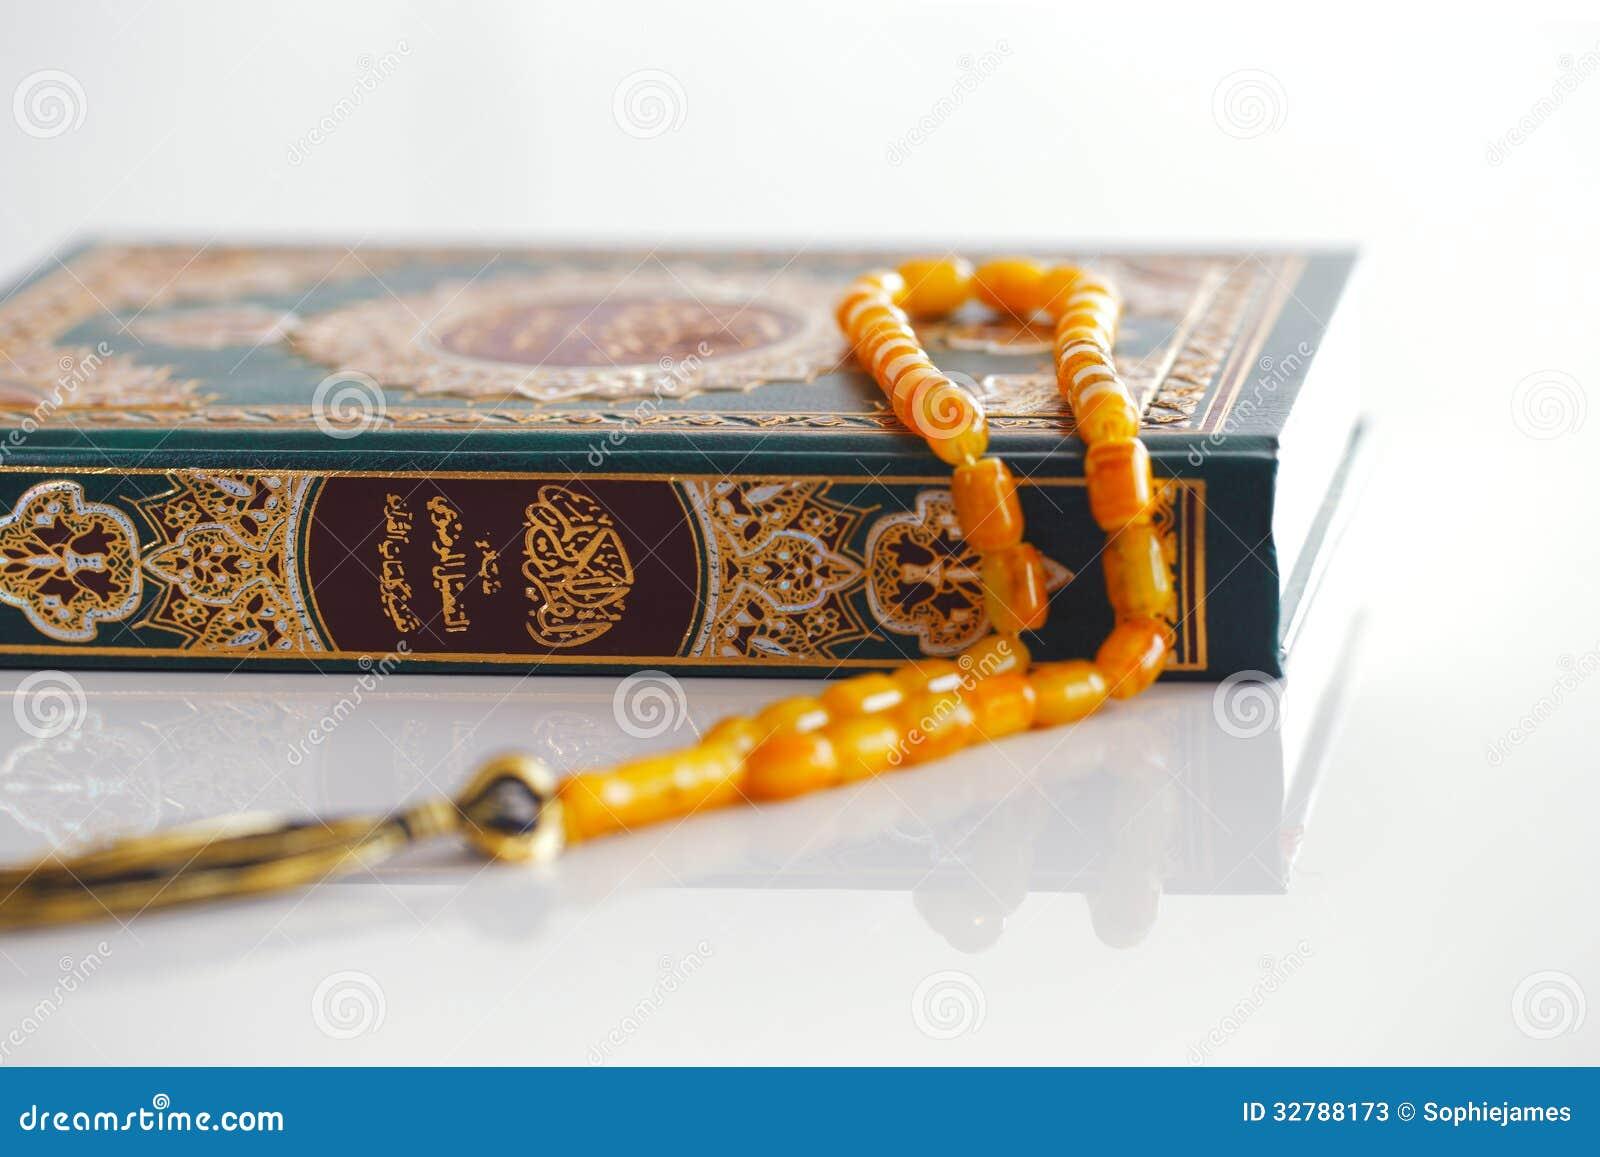 how to finish quran in ramadan